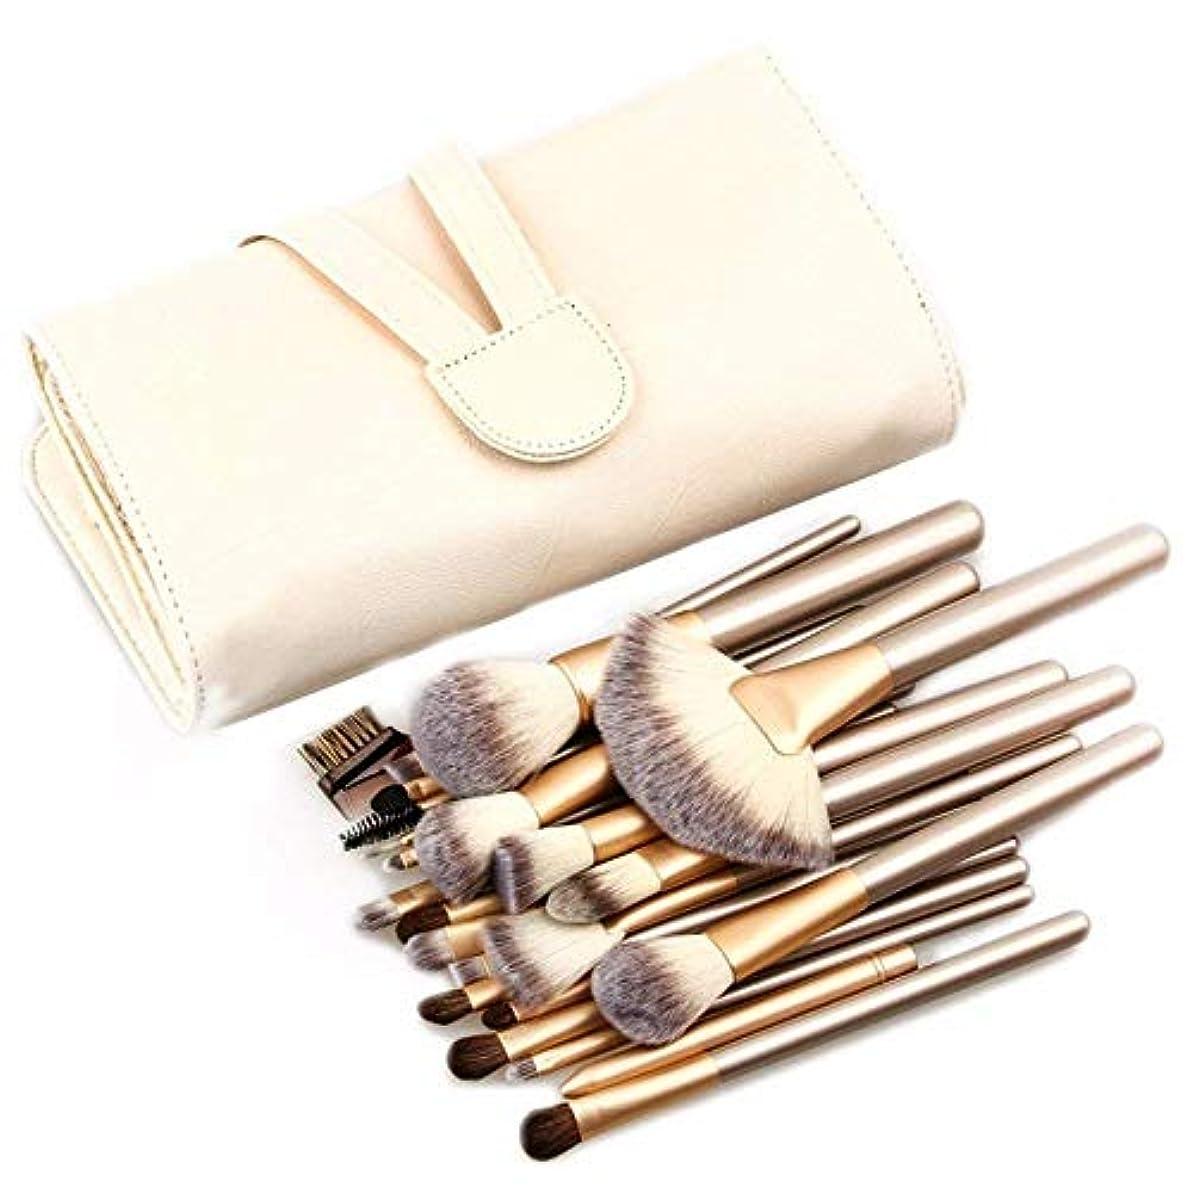 24ピースメイクアップブラシ、プレミアム合成ブラシ、化粧品プロフェッショナルエッセンシャルフルフェイスブラシセット、フェイスリップアイシャドウアイライナー、トラベルPUレザーバッグ付き